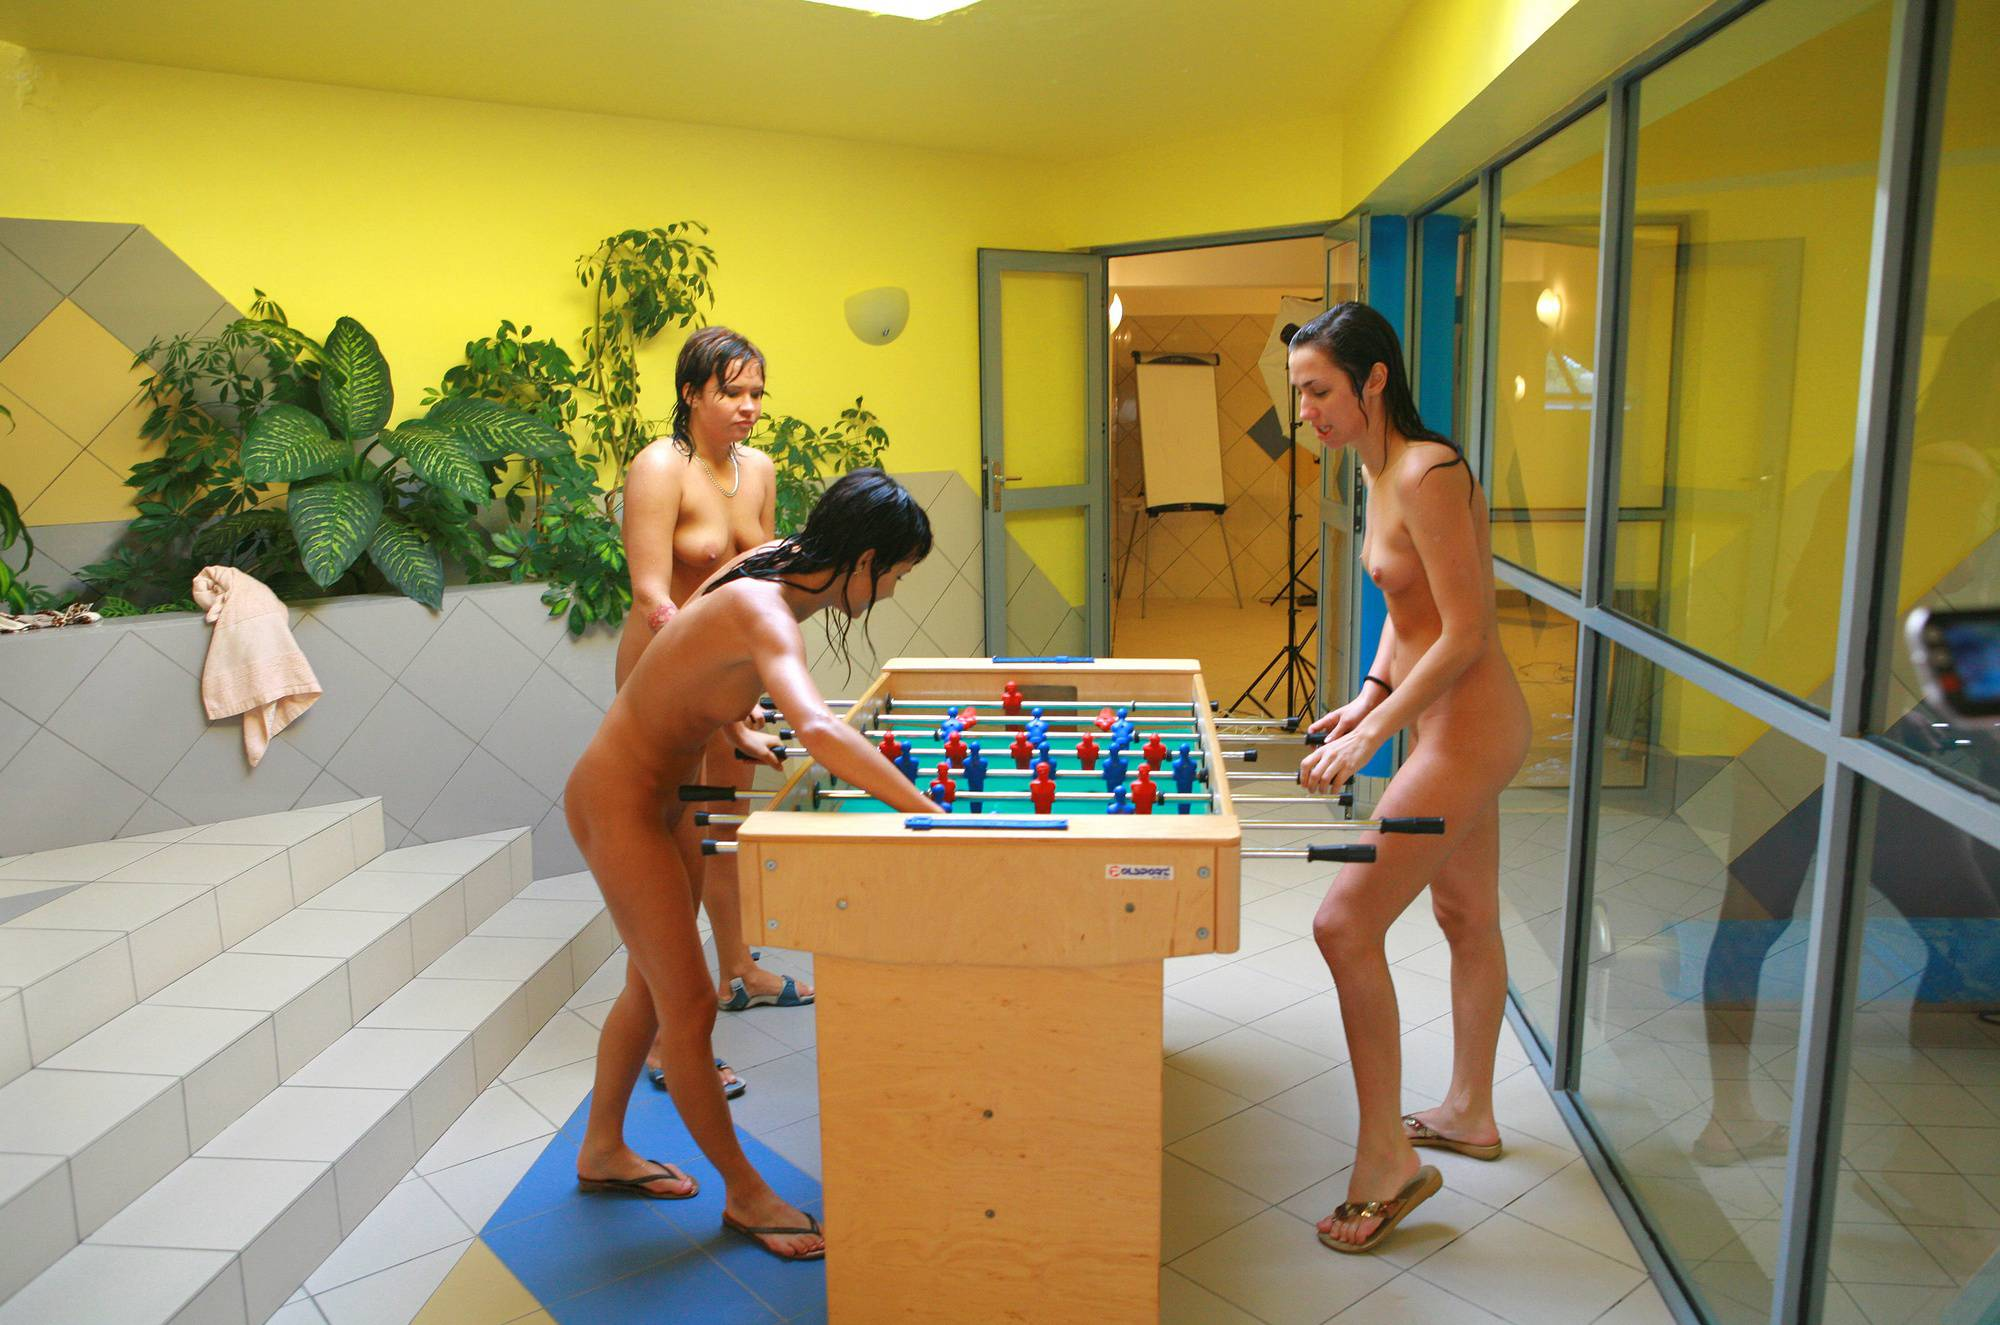 Girl's Rec-Room Games - 1